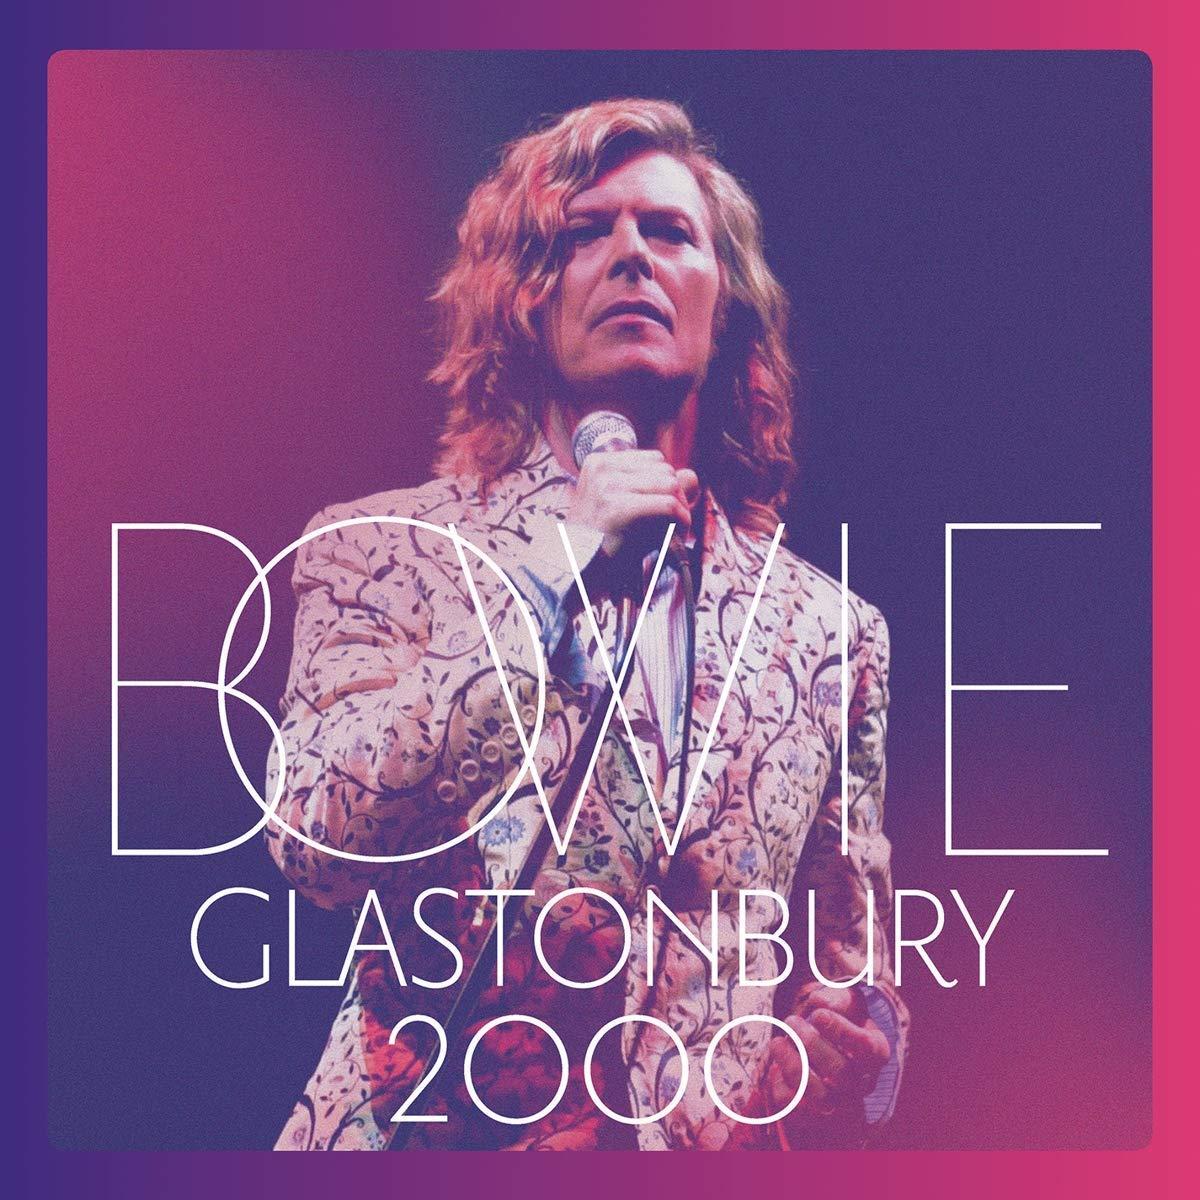 DAVID BOWIE / デヴィッド・ボウイ / GLASTONBURY 2000 (3LP)